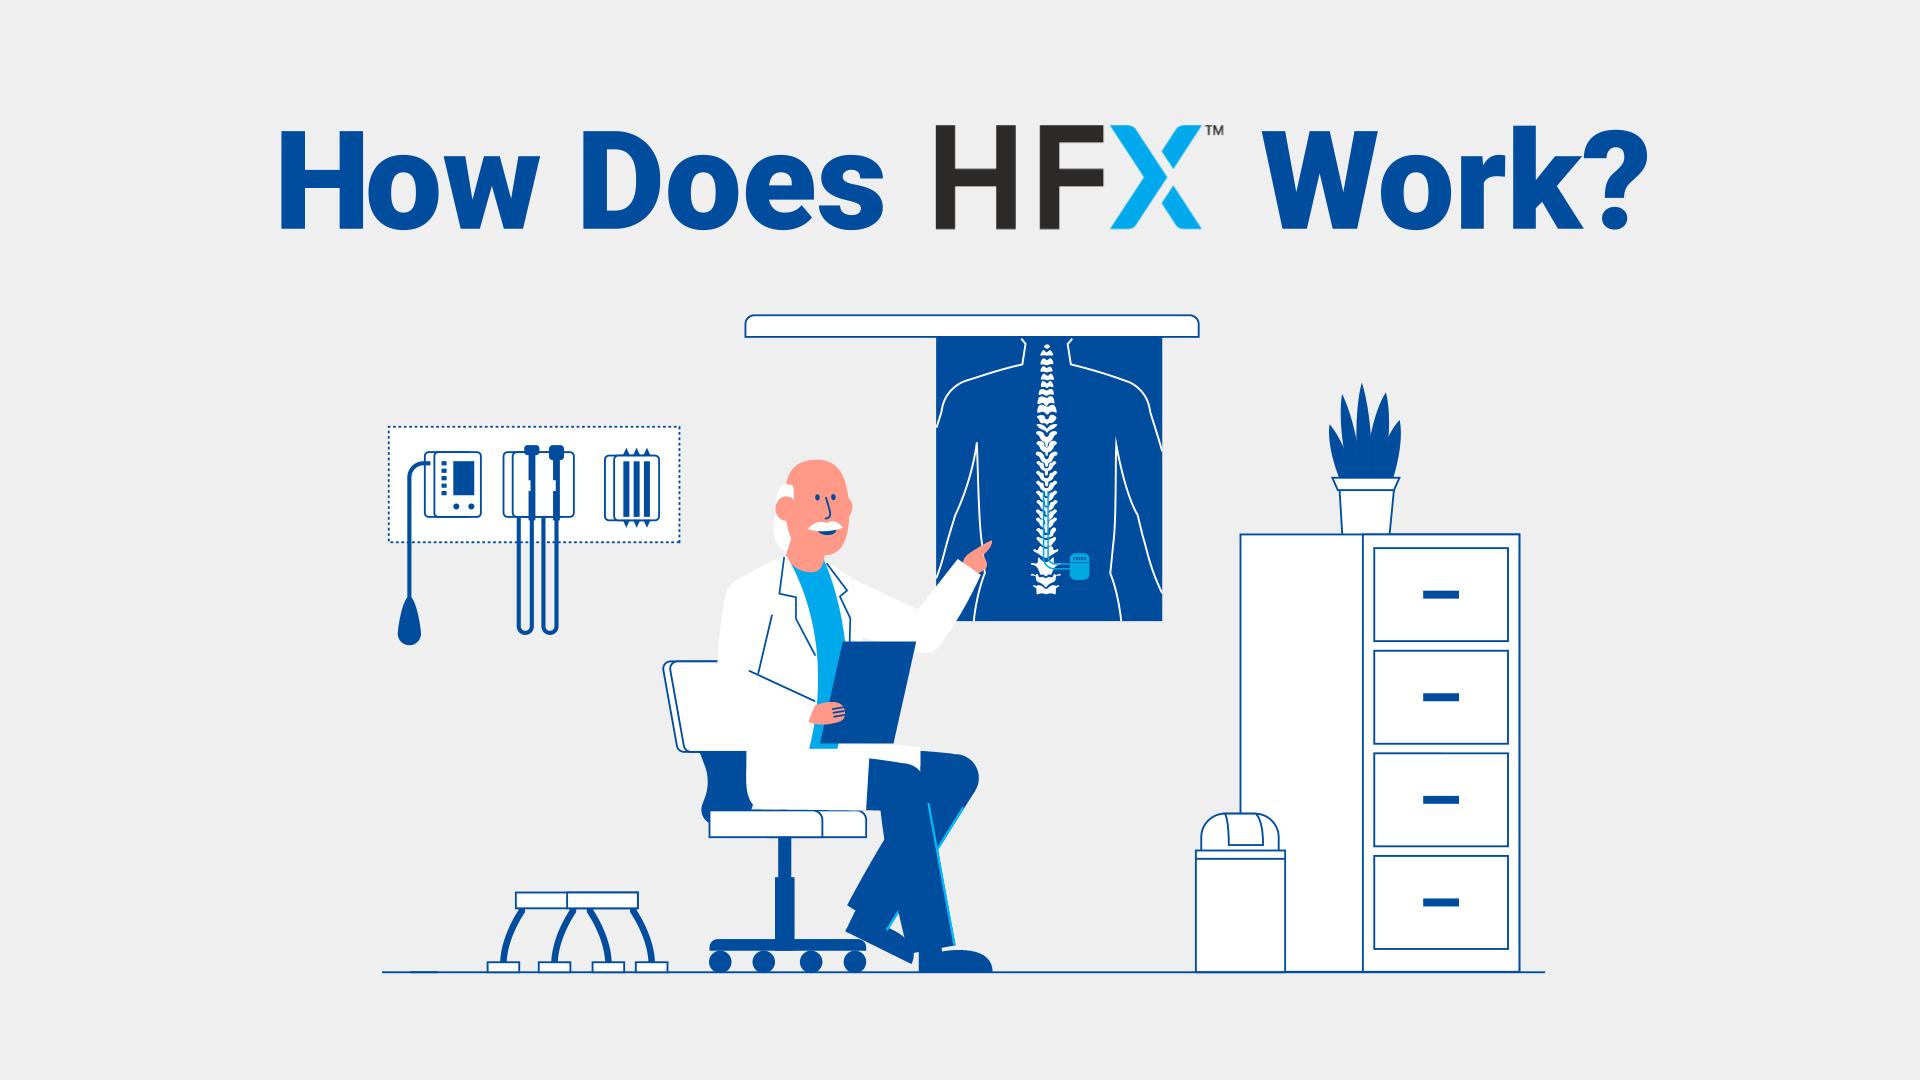 https://www.nevrohfx.com/app/uploads/sites/5/2021/08/HFX-How-SCS-Works-Thumbnail-4k.jpg